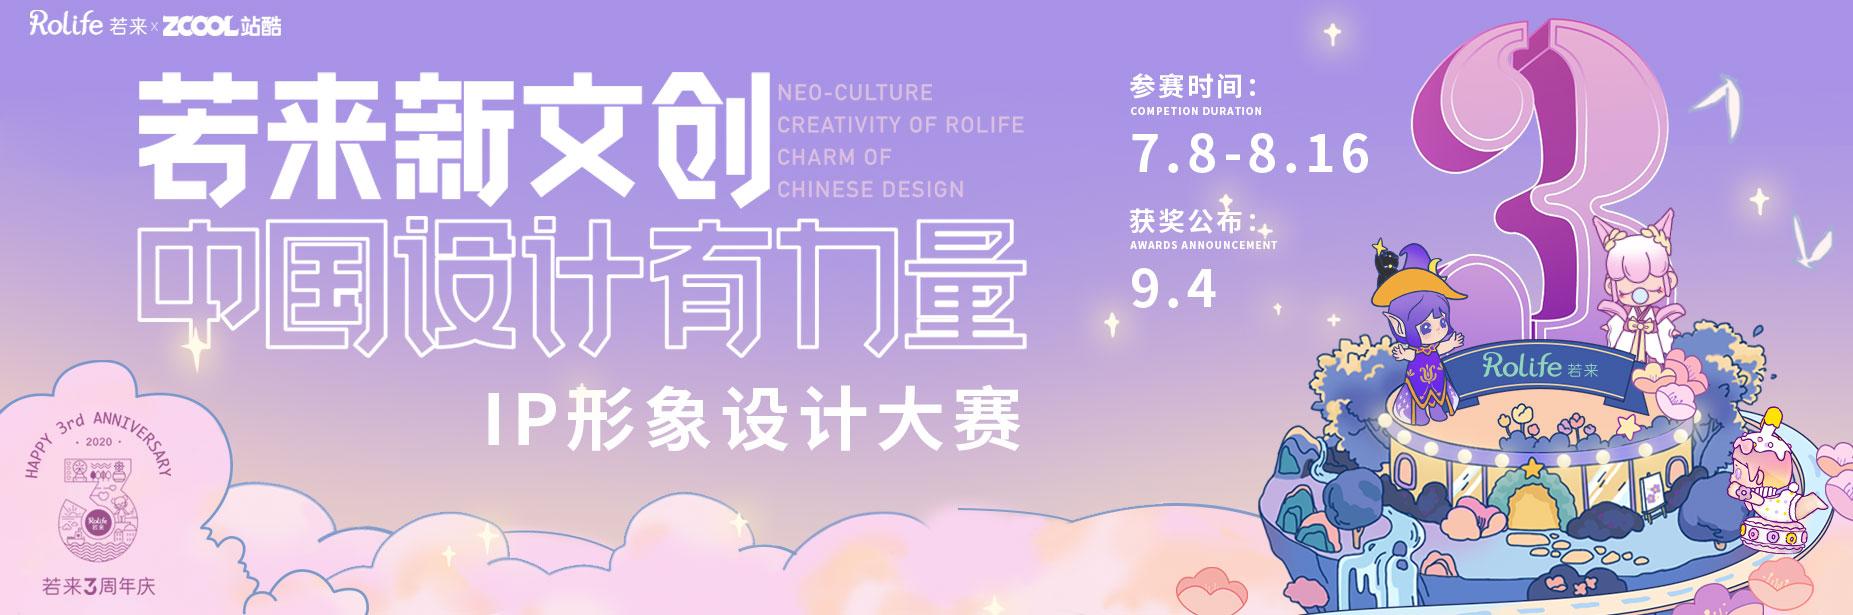 官网banner